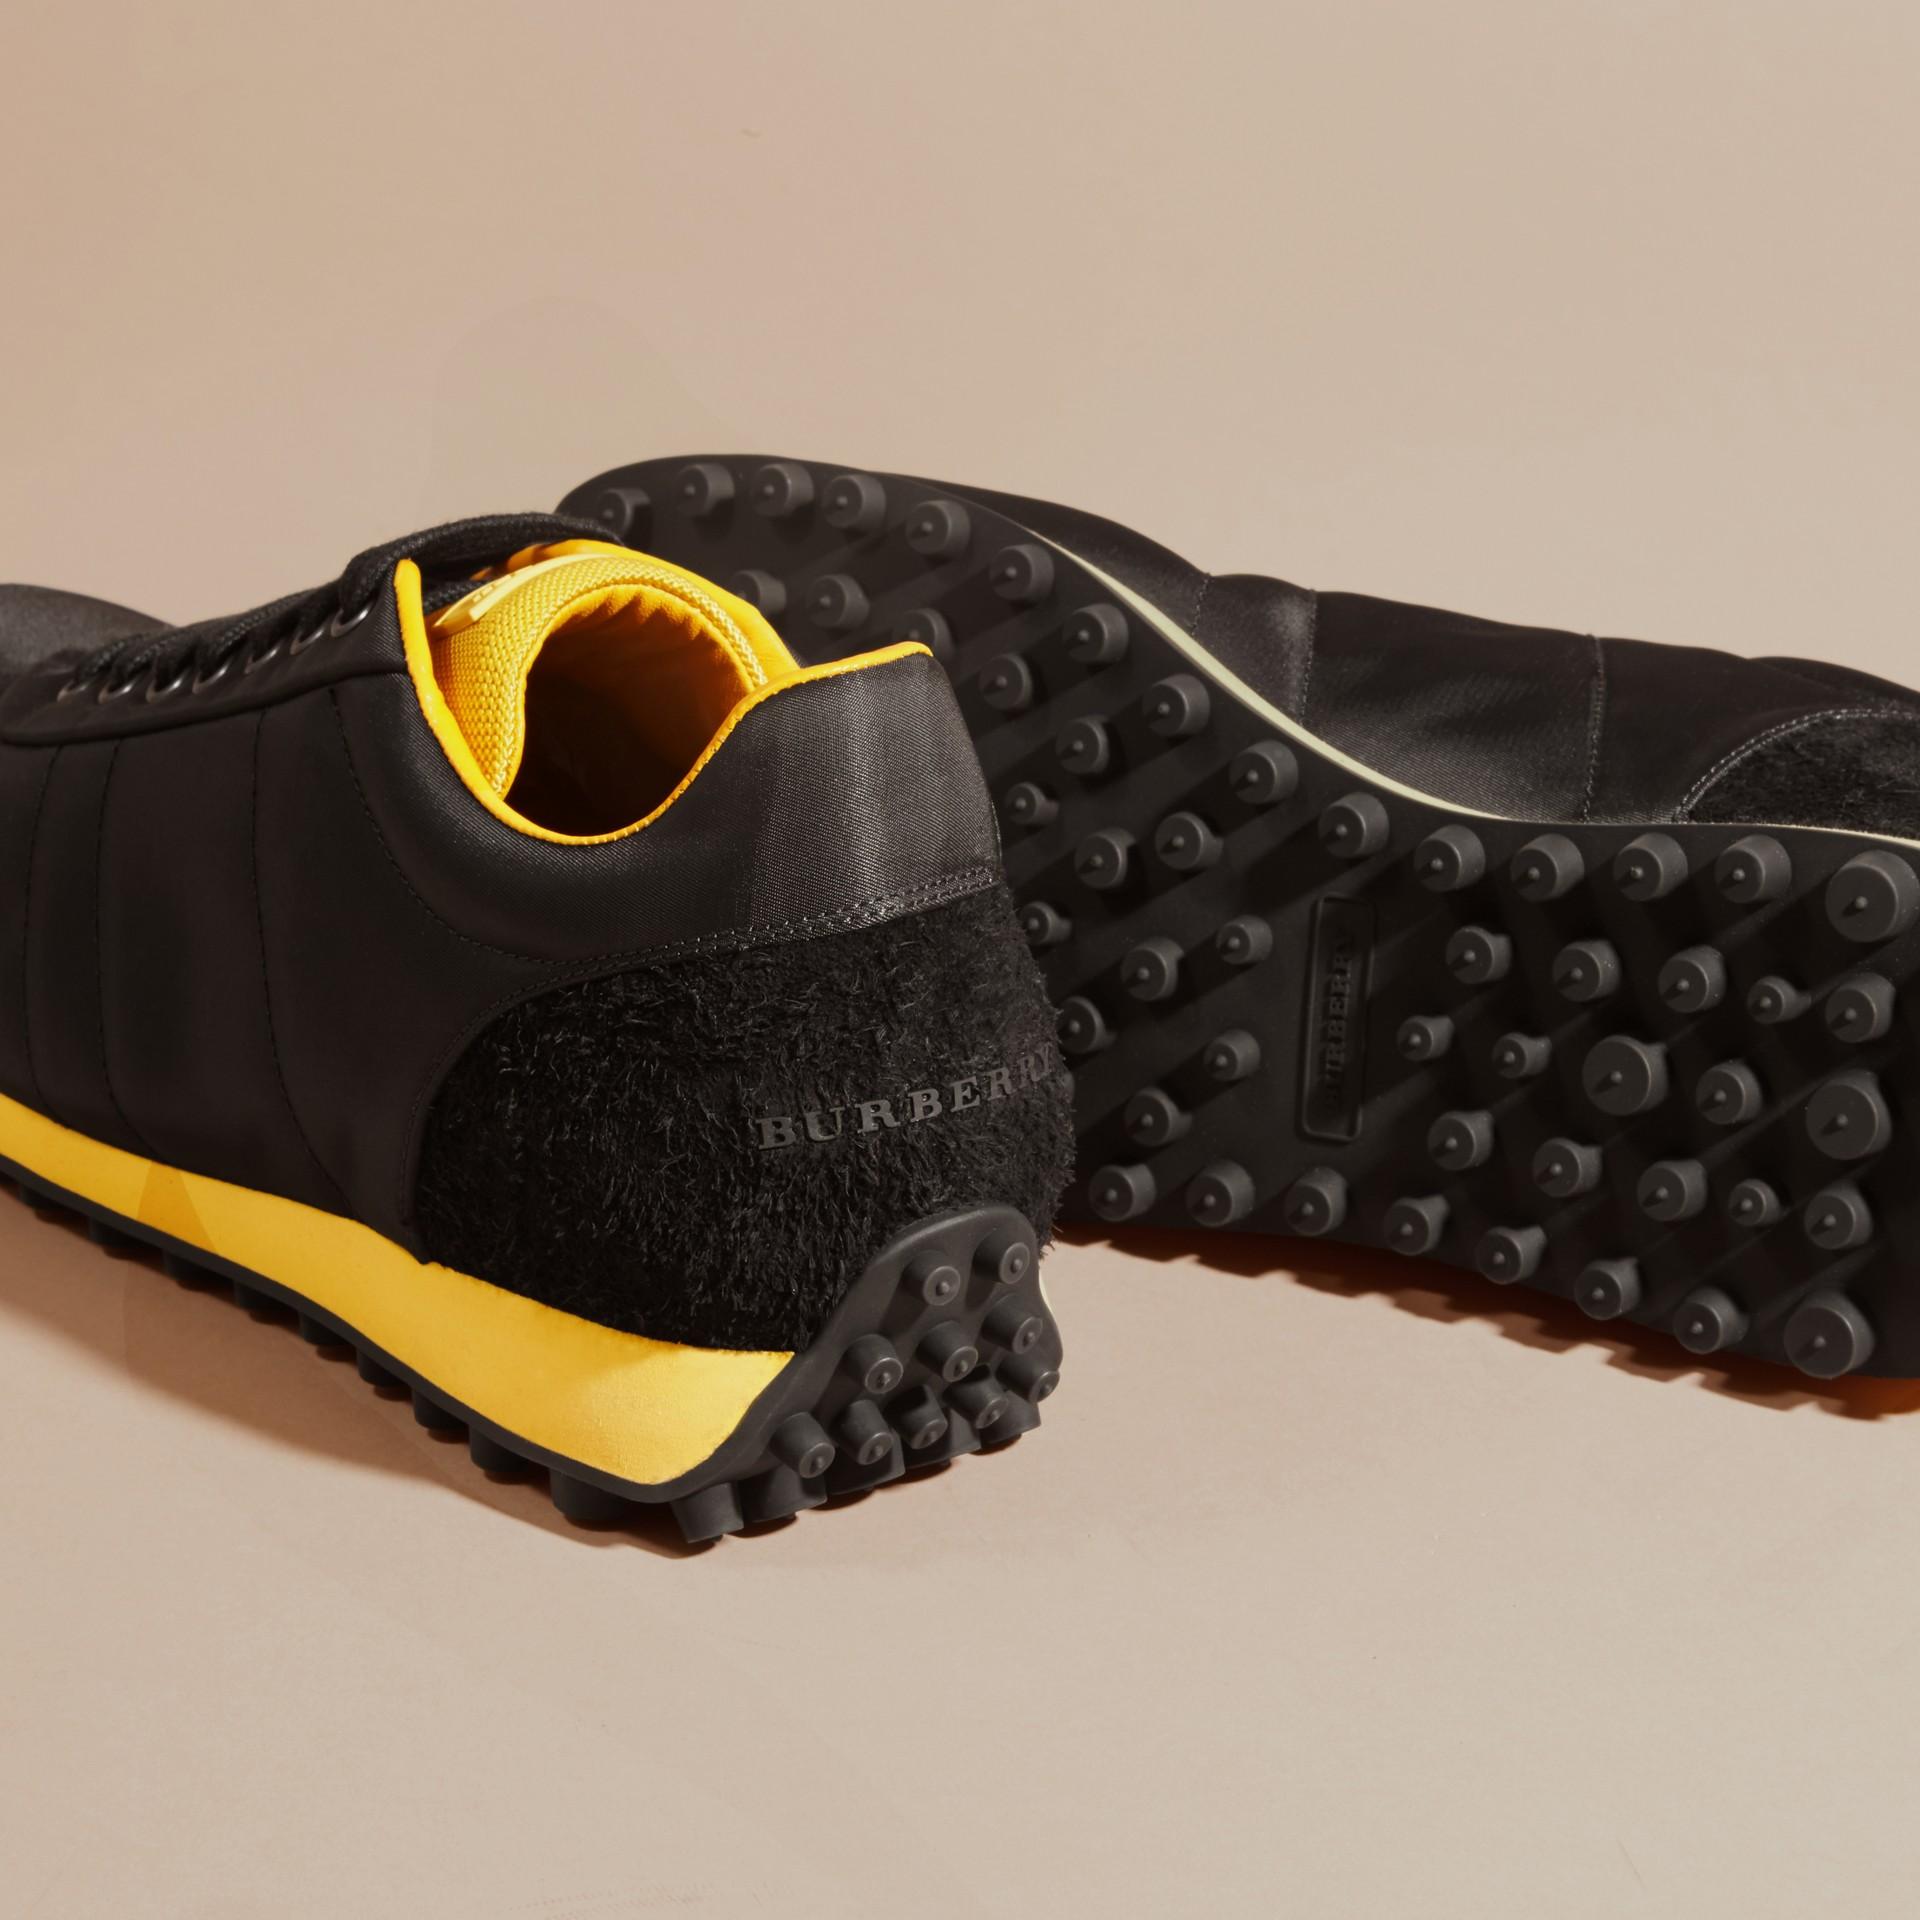 Nero/giallo bruciato Sneaker tecniche con finiture effetto texture Nero/giallo Bruciato - immagine della galleria 5